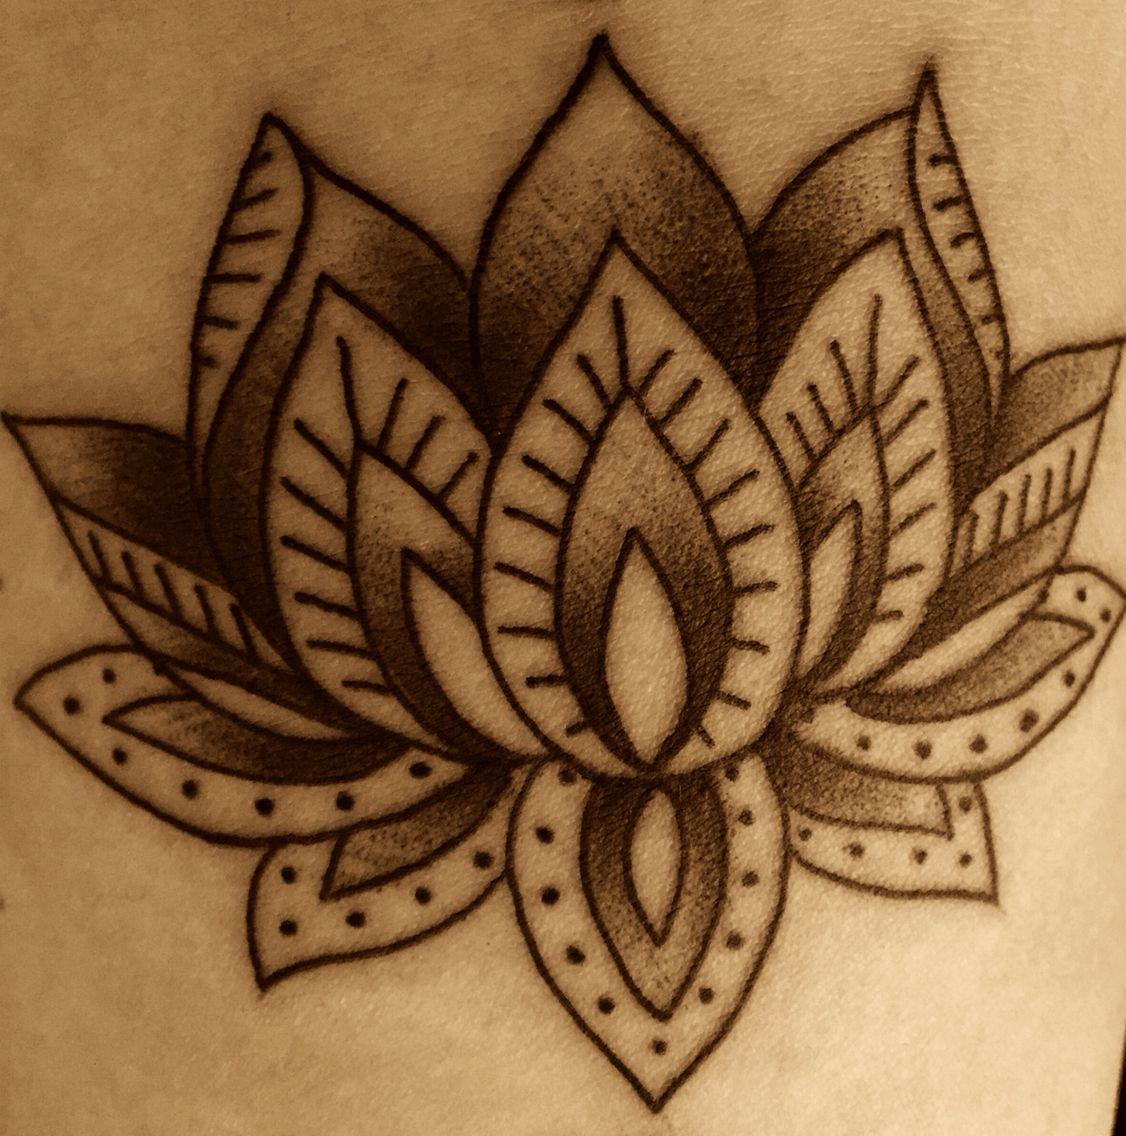 Lotus tattoo Lotus flower tattoo, Tattoos, Lotus tattoo